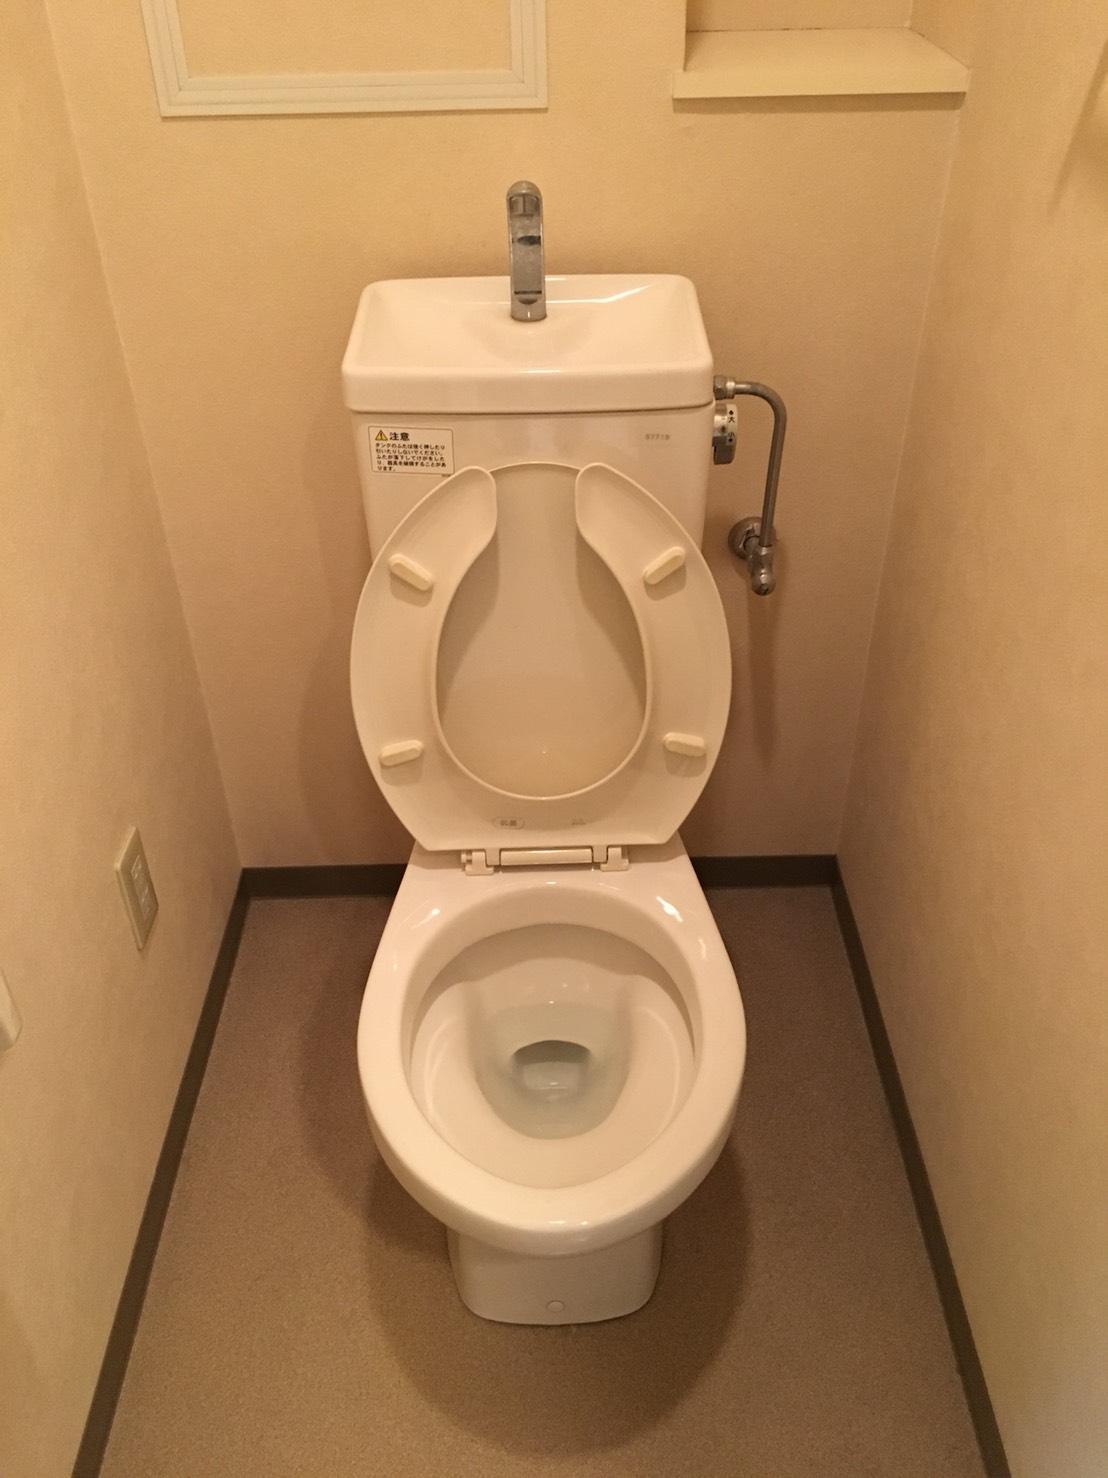 トイレクリーニング/トイレを美しく保ち、長持ちさせるために毎日のお手入れが大事!伊丹おそうじプラスお見積、出張料も無料